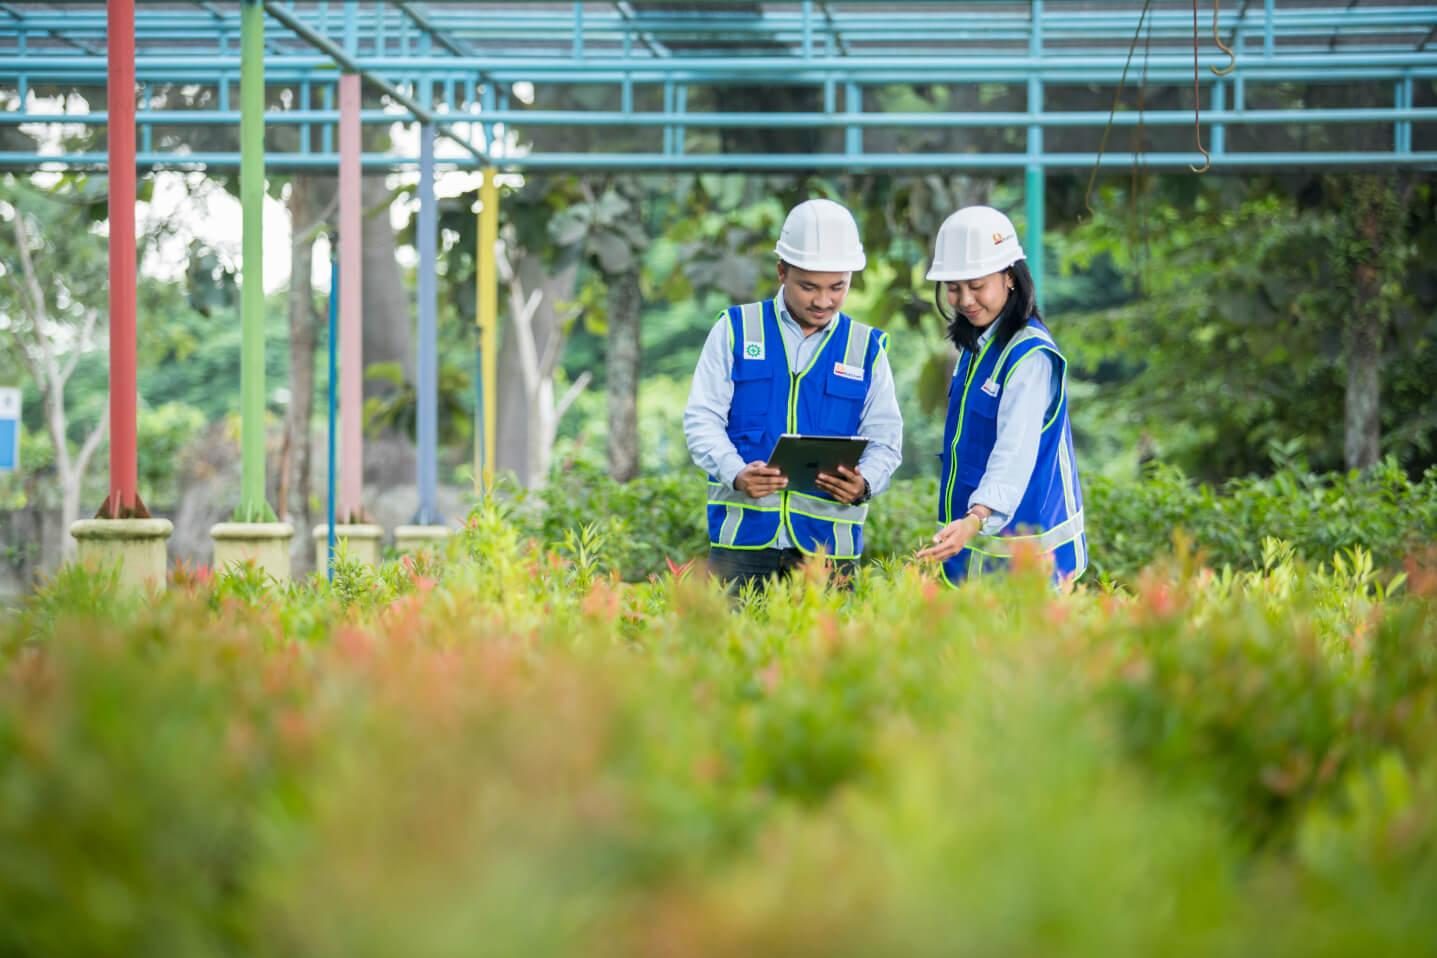 Perusahaan Energi Kelas Dunia yang Peduli Lingkungan